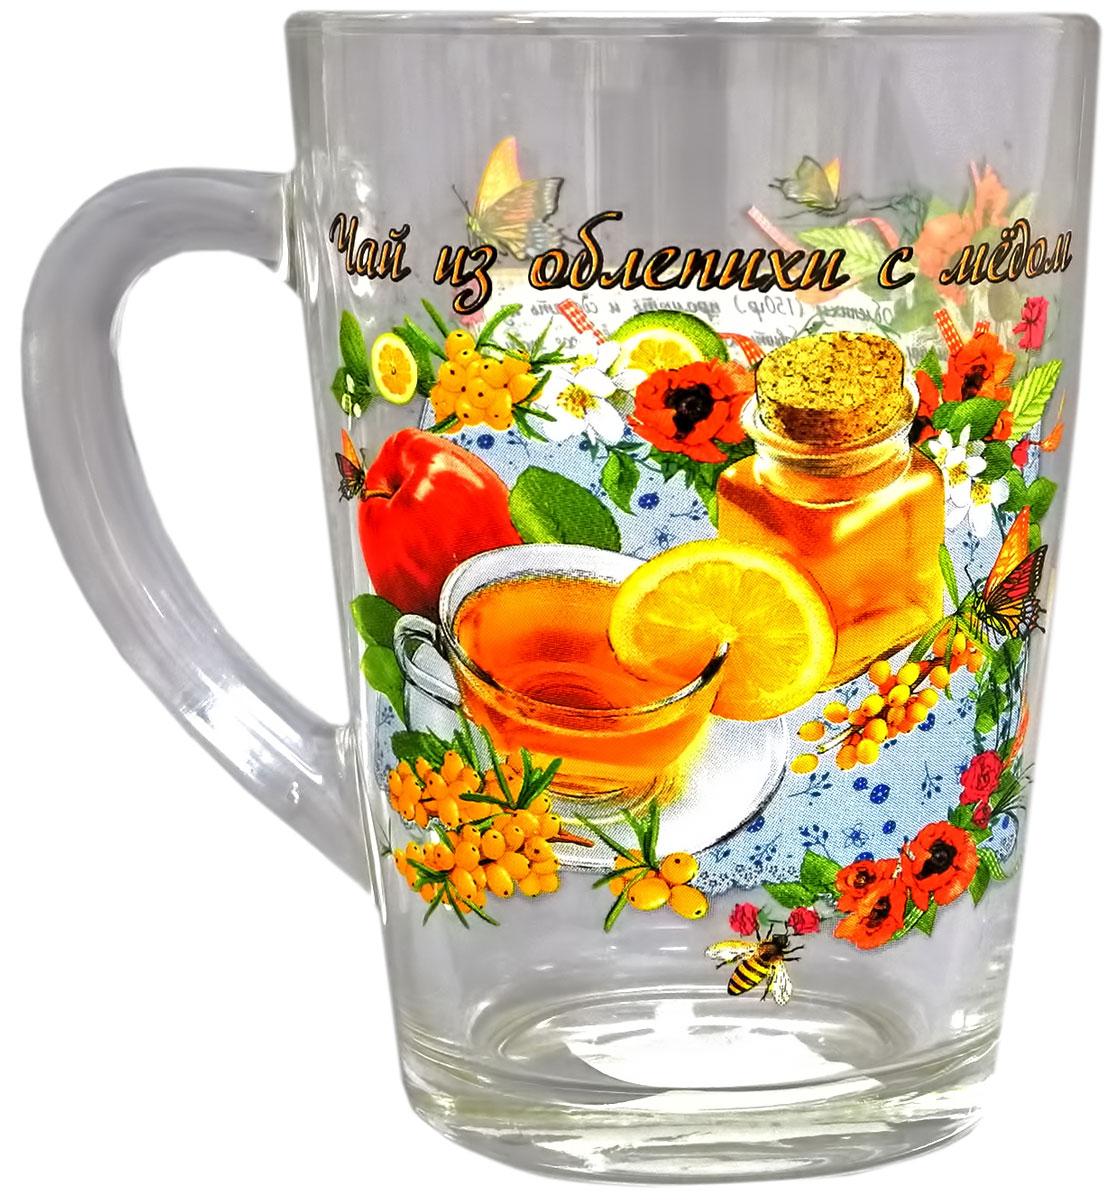 Кружка чайная Квестор Каппучино. Чай из облепихи с медом, 300 мл103-009Кружка чайная Квестор Каппучино. Чай из облепихи с медом, 300 мл